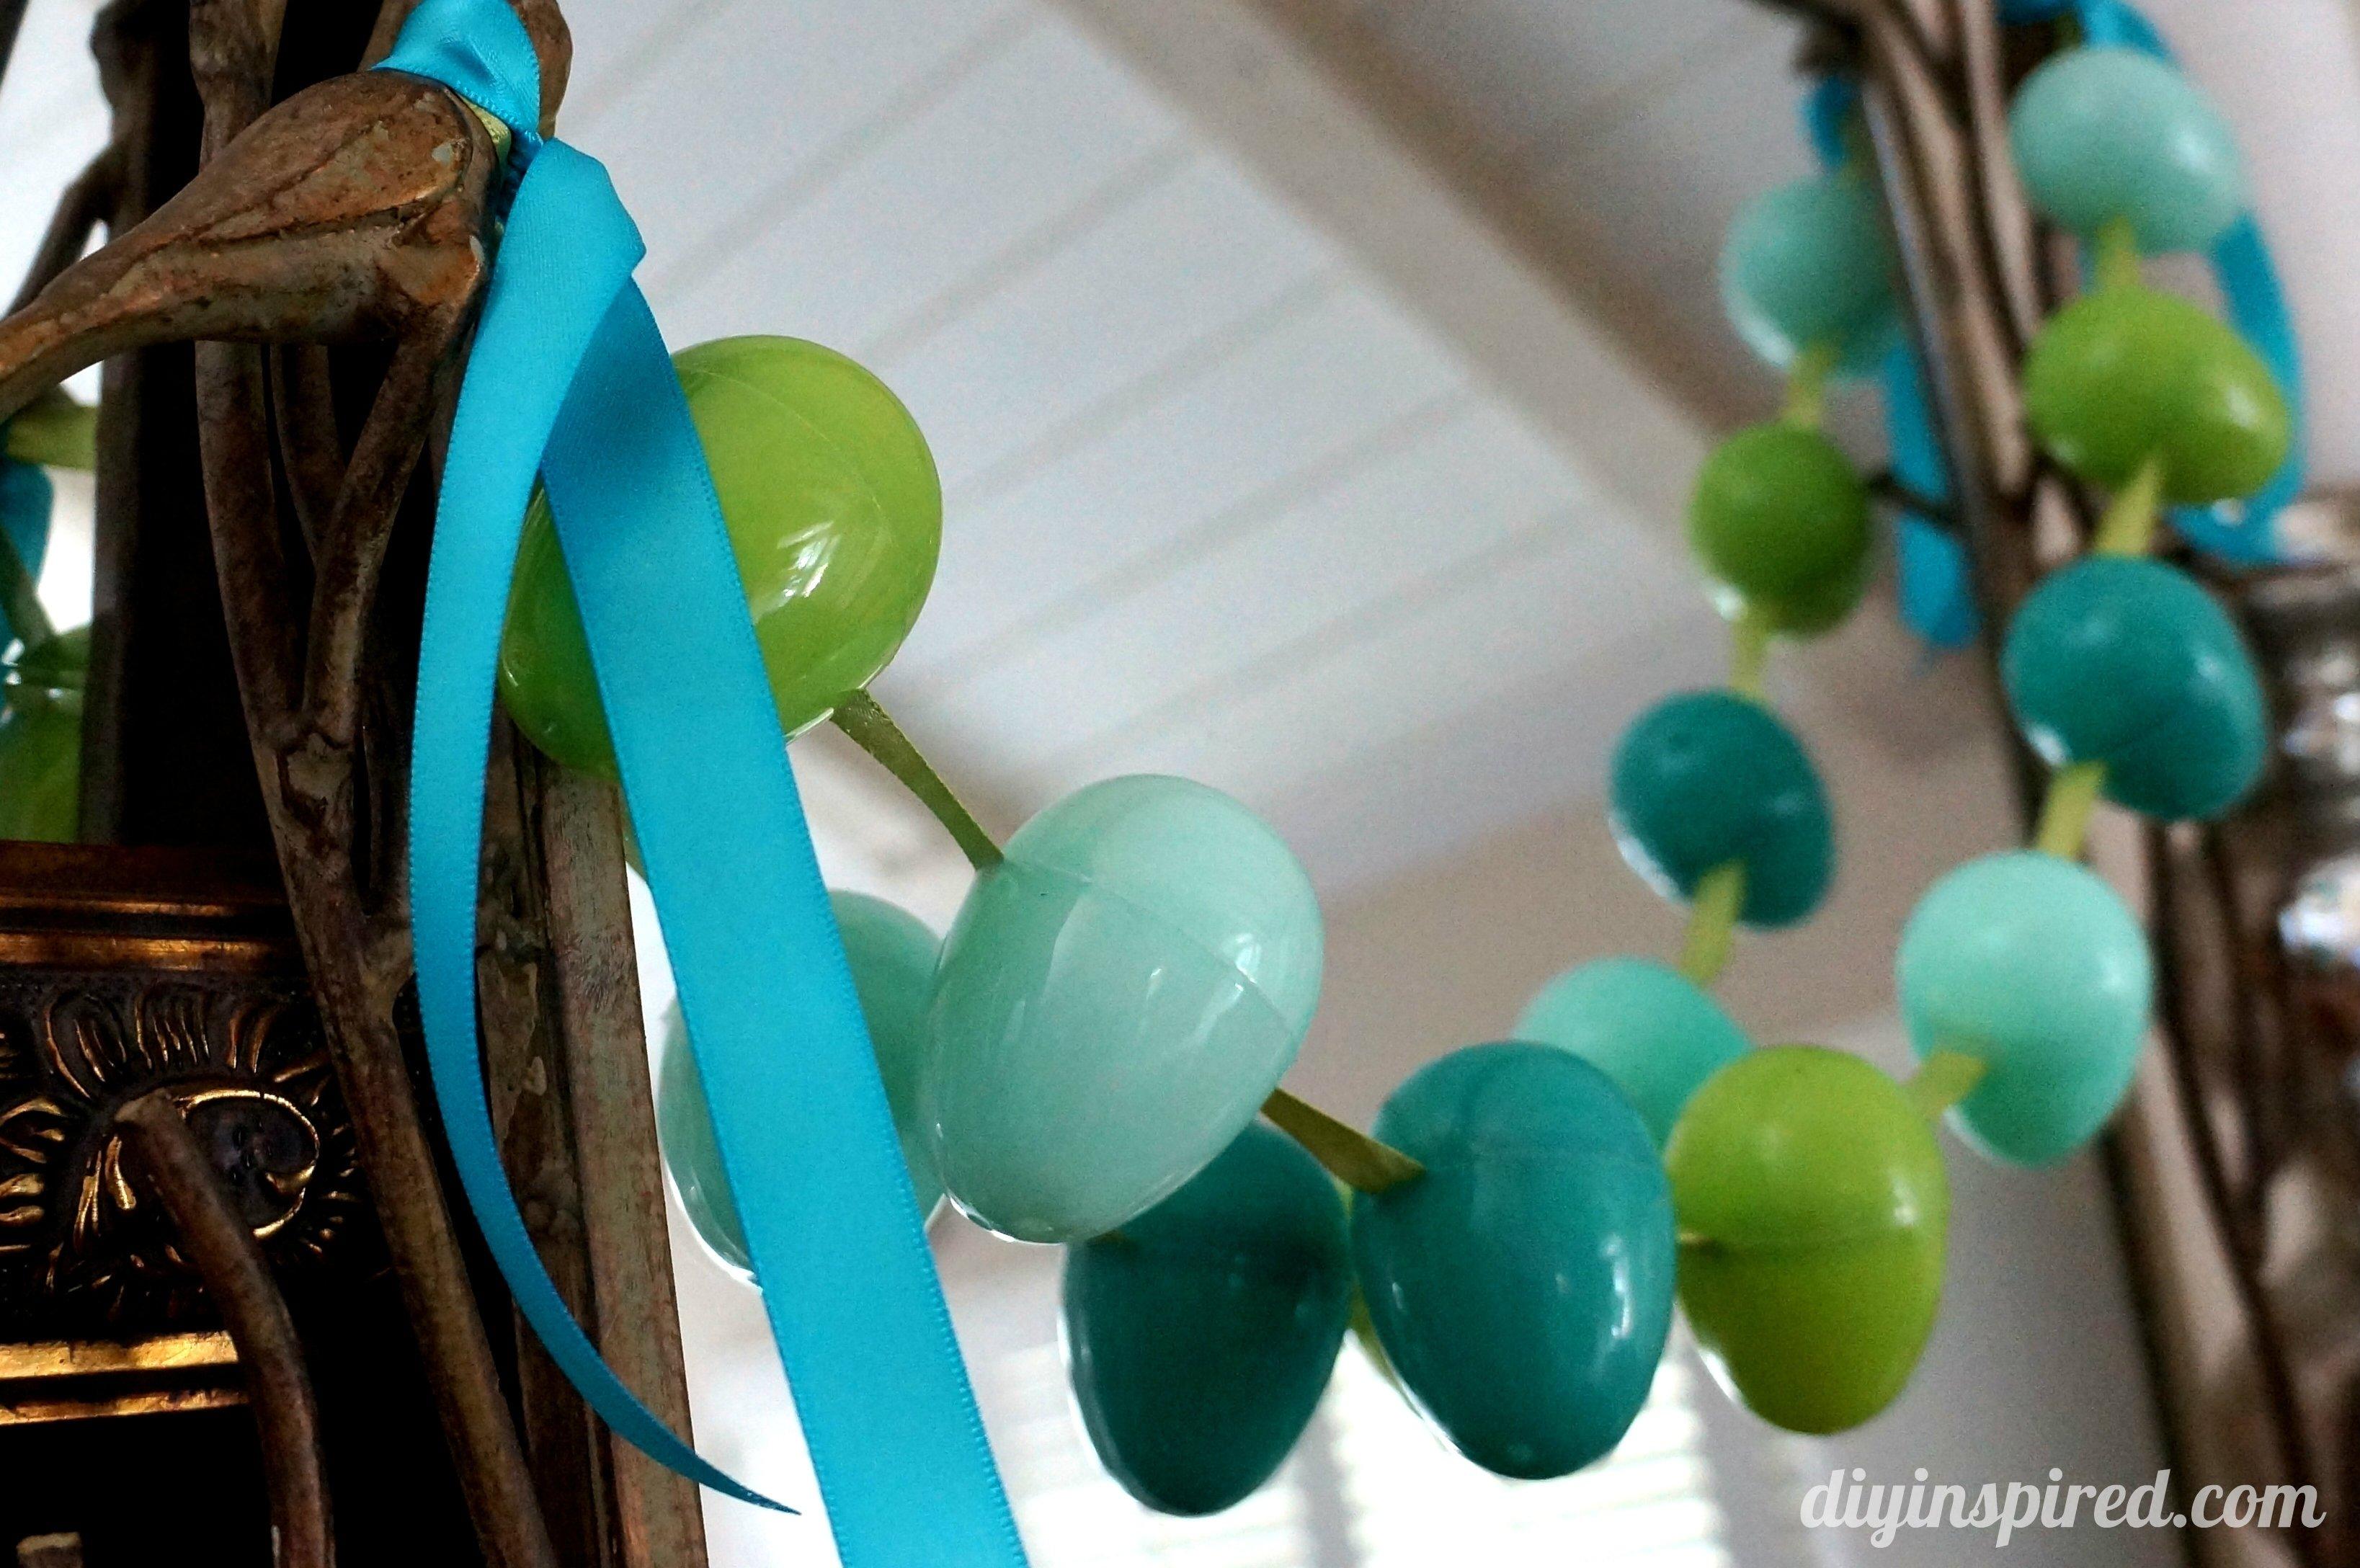 easy easter egg decorating ideas - diy inspired